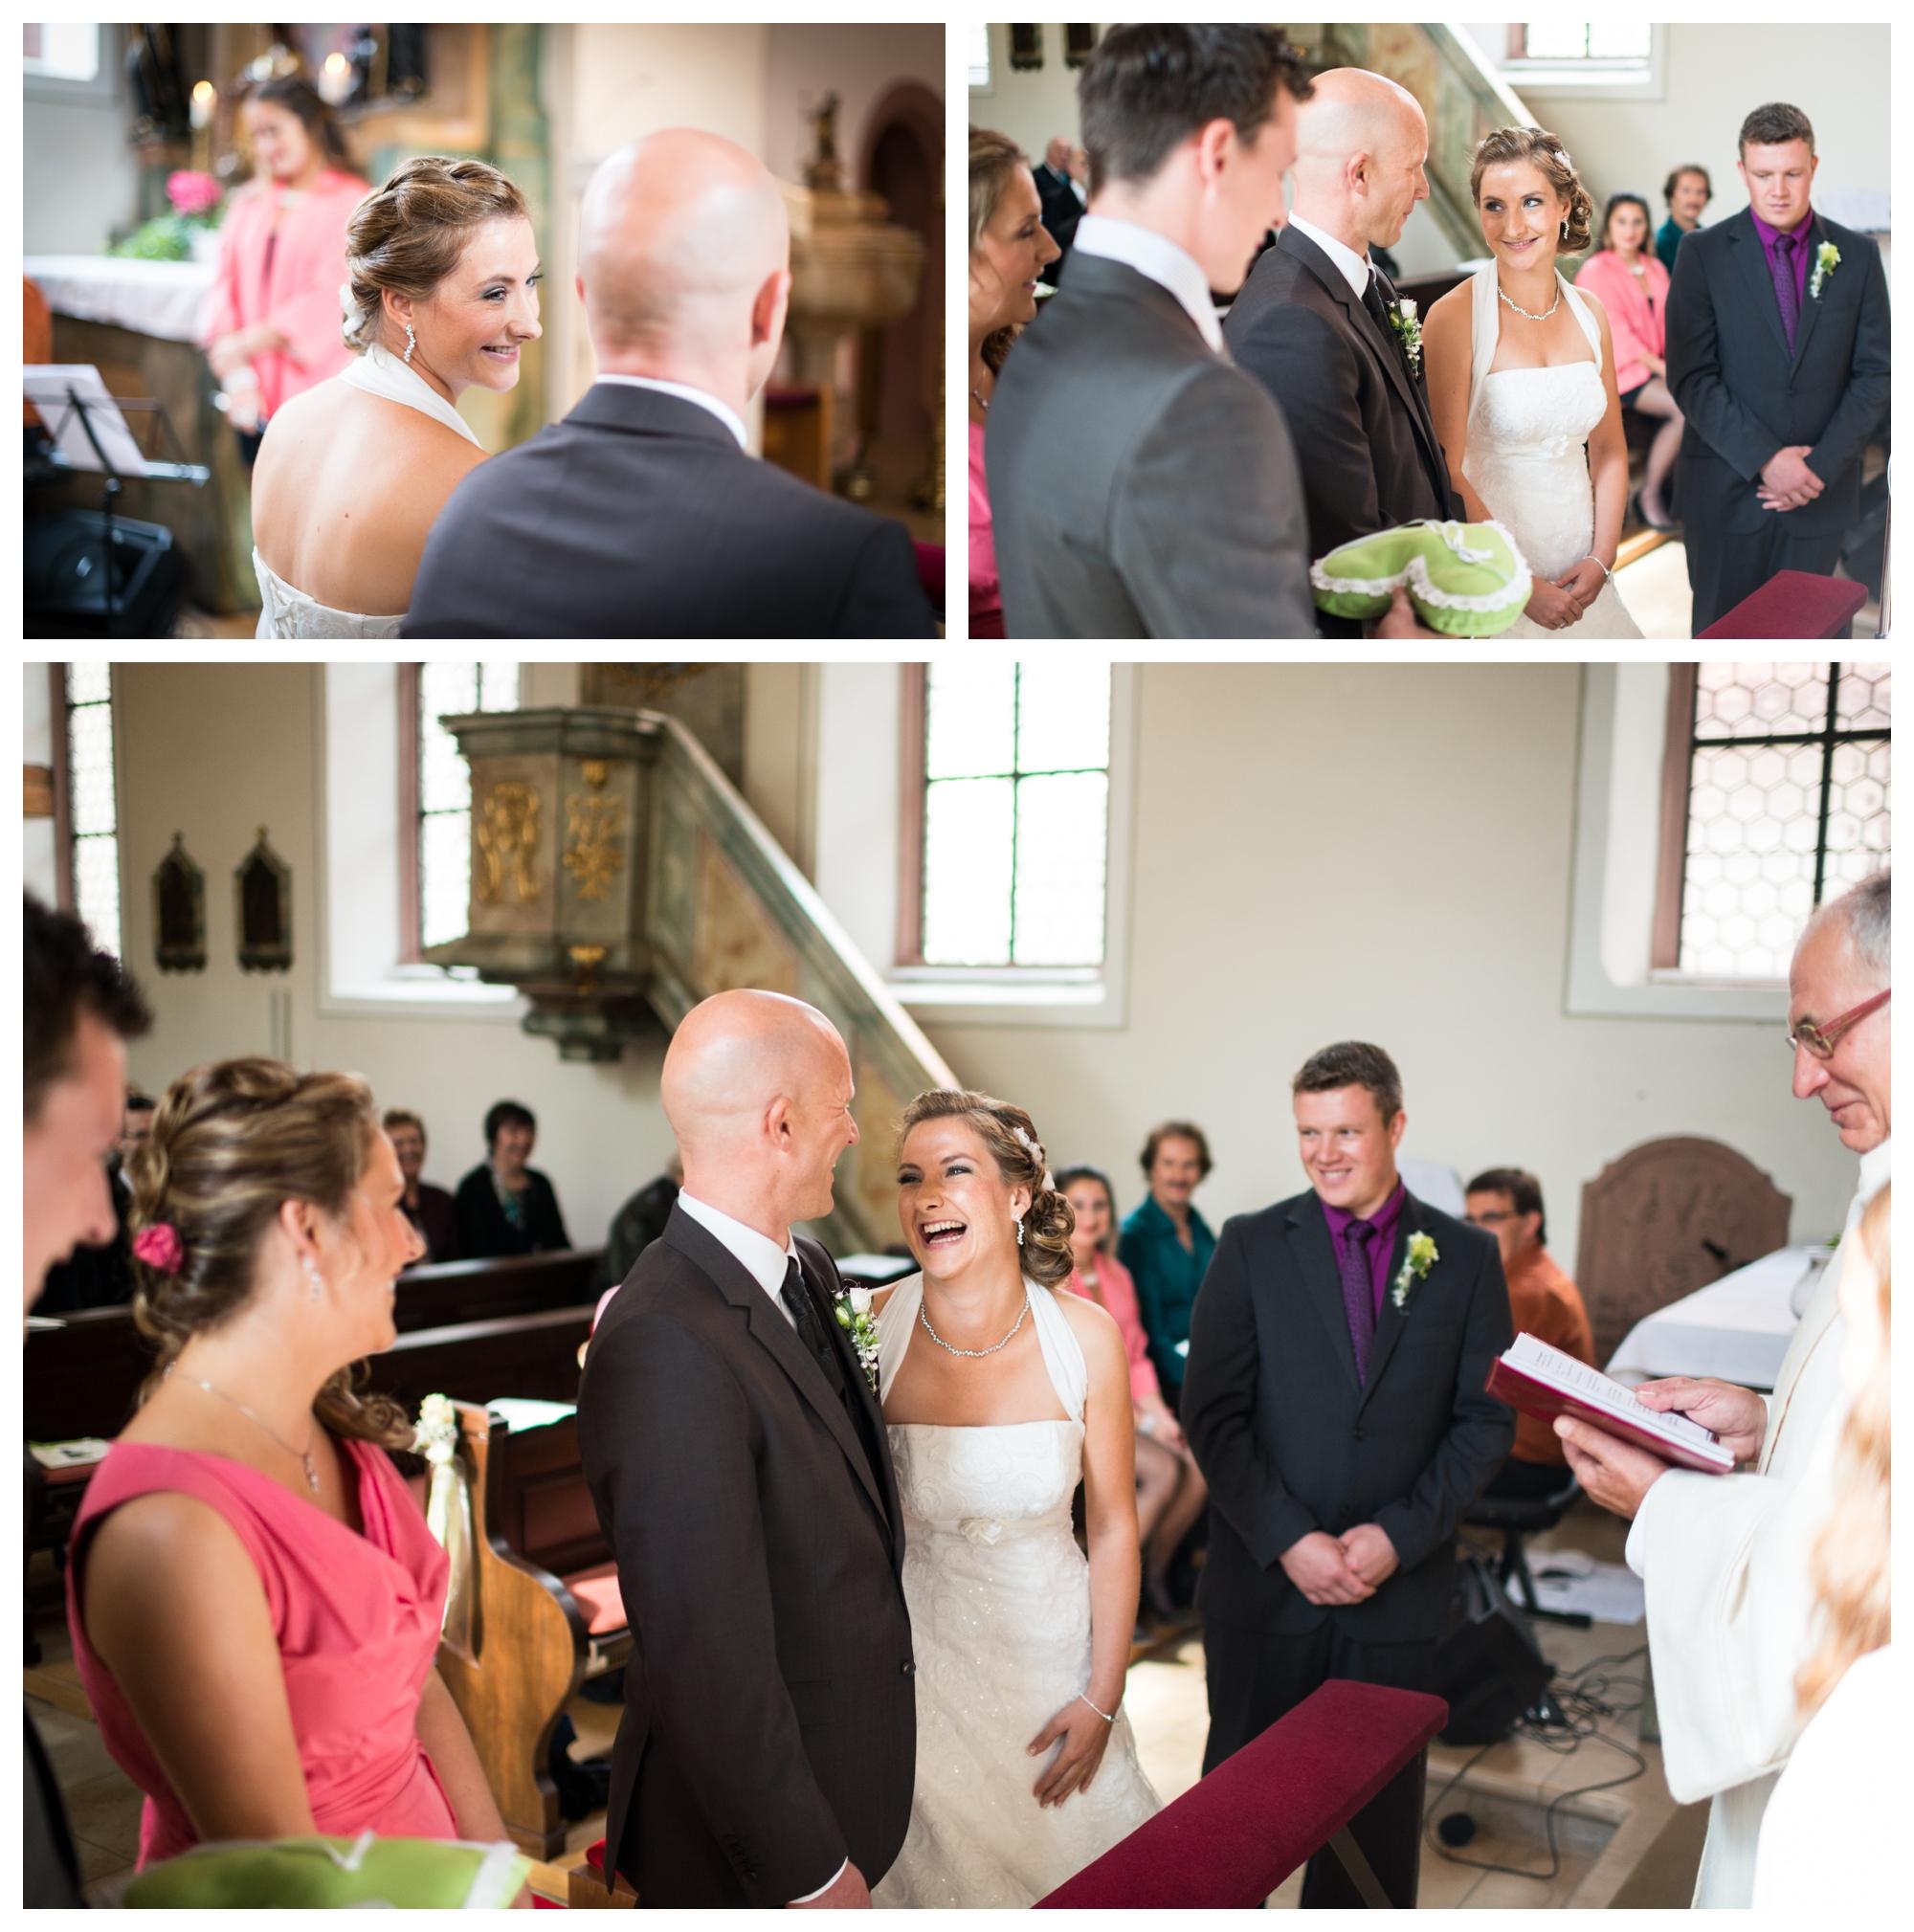 Fotograf Konstanz - 2013 12 09 0015 - Als Hochzeitsfotograf in Bad Dürrheim unterwegs  - 30 -